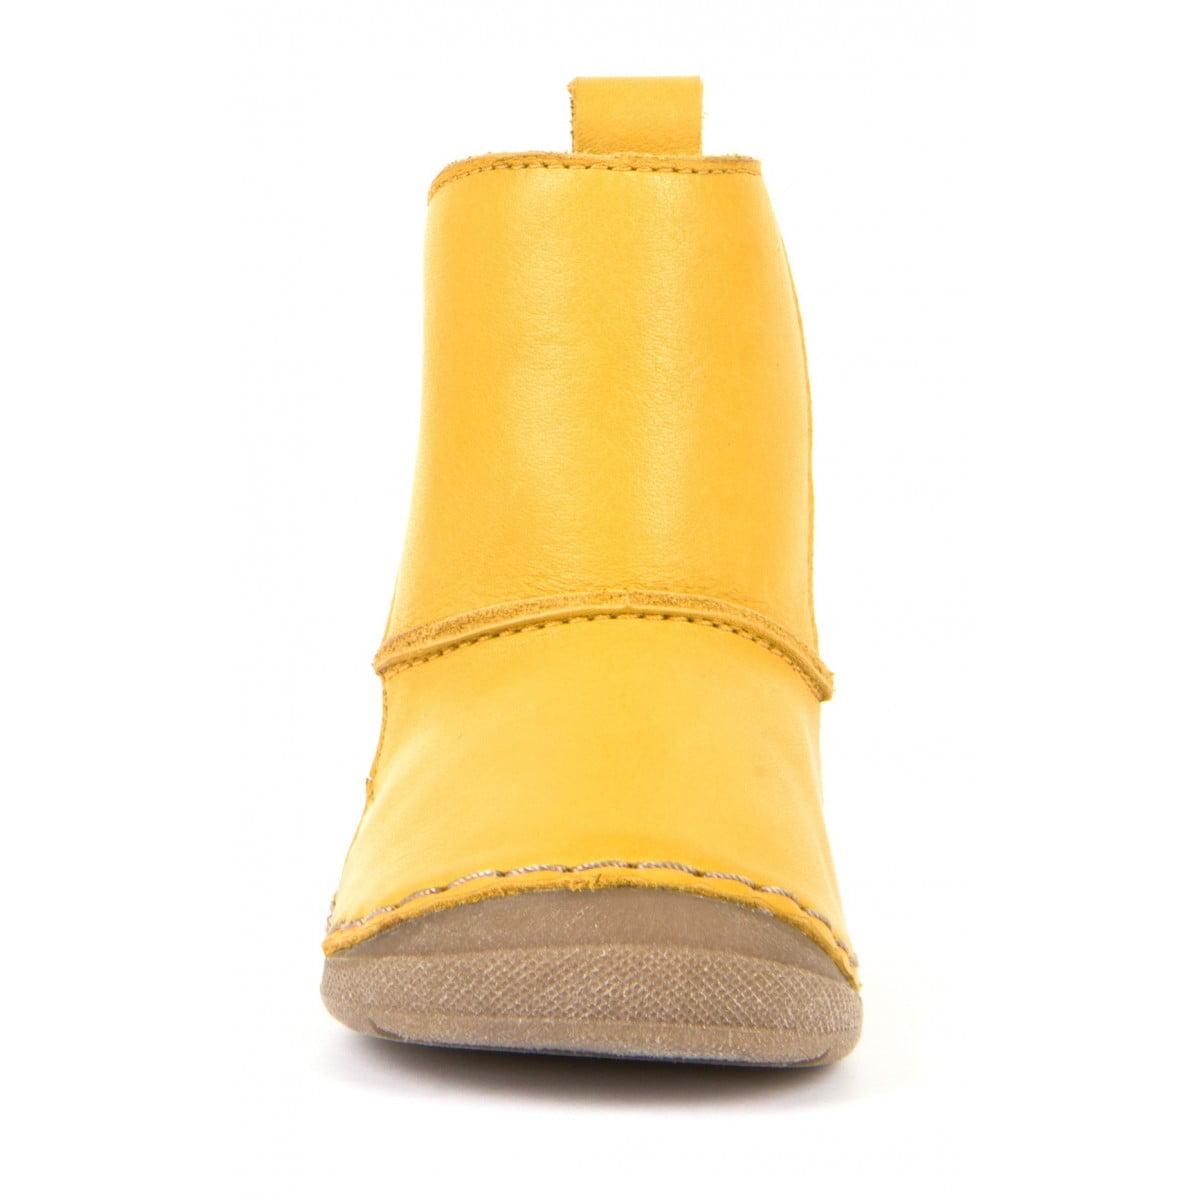 Cizme din piele căptuşite cu blană de miel şi închidere laterală cu velcro şi talpă extra flexibilă Froddo Yellow 2